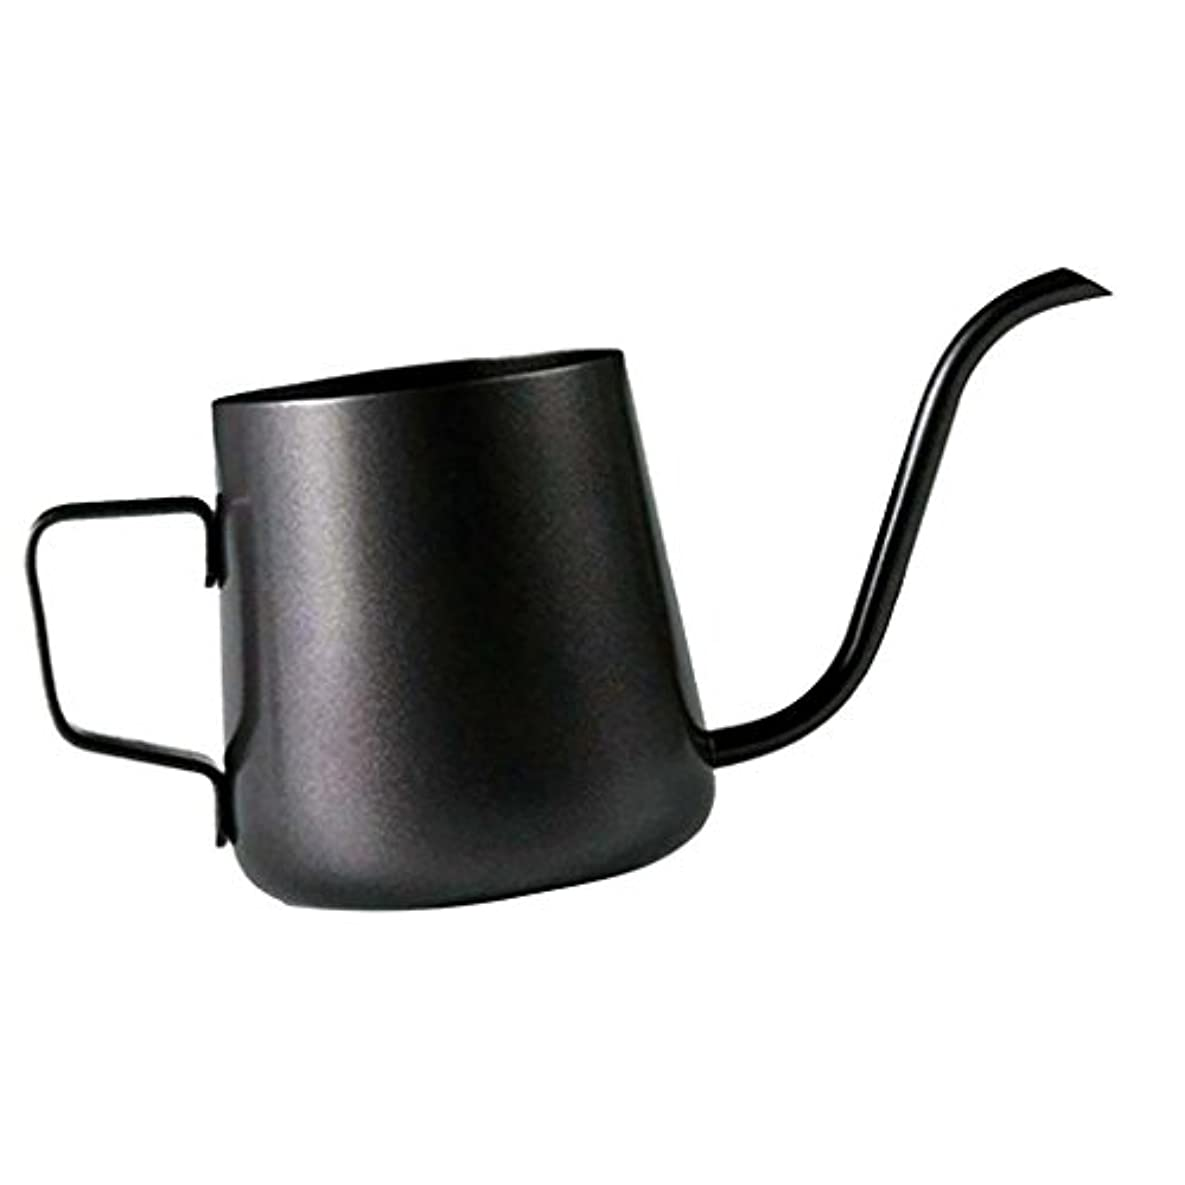 部屋を掃除する全滅させる仲介者Homeland コーヒーポット お茶などにも対応 クッキング用品 ステンレス製 エスプレッソポット ケトル - ブラック, 250ミリリットル